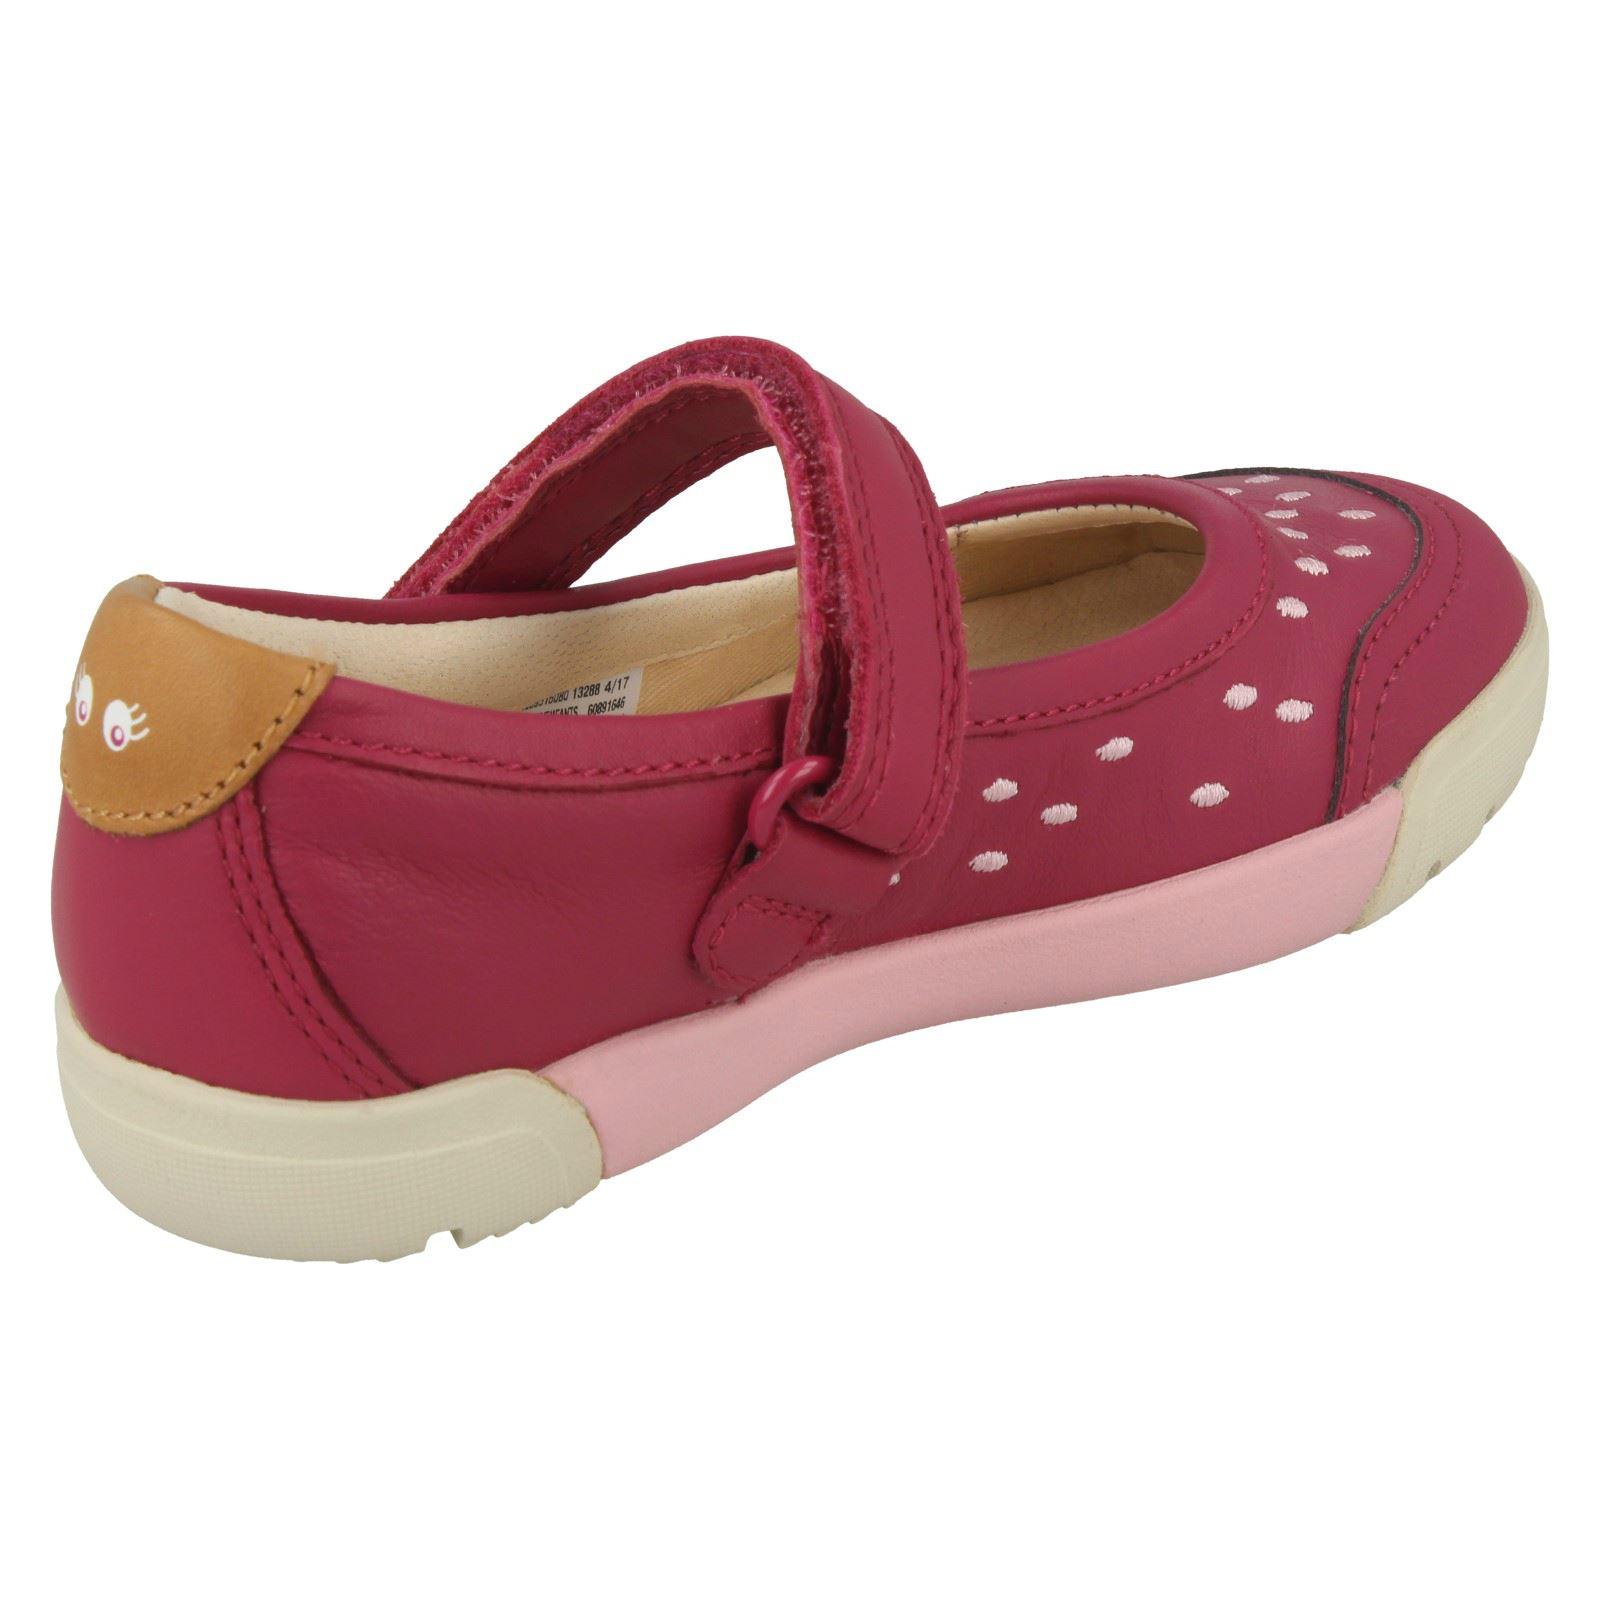 /'Lilfolk Lou/' Girls Clarks Cross Strap Fastening Leather Flat Shoes